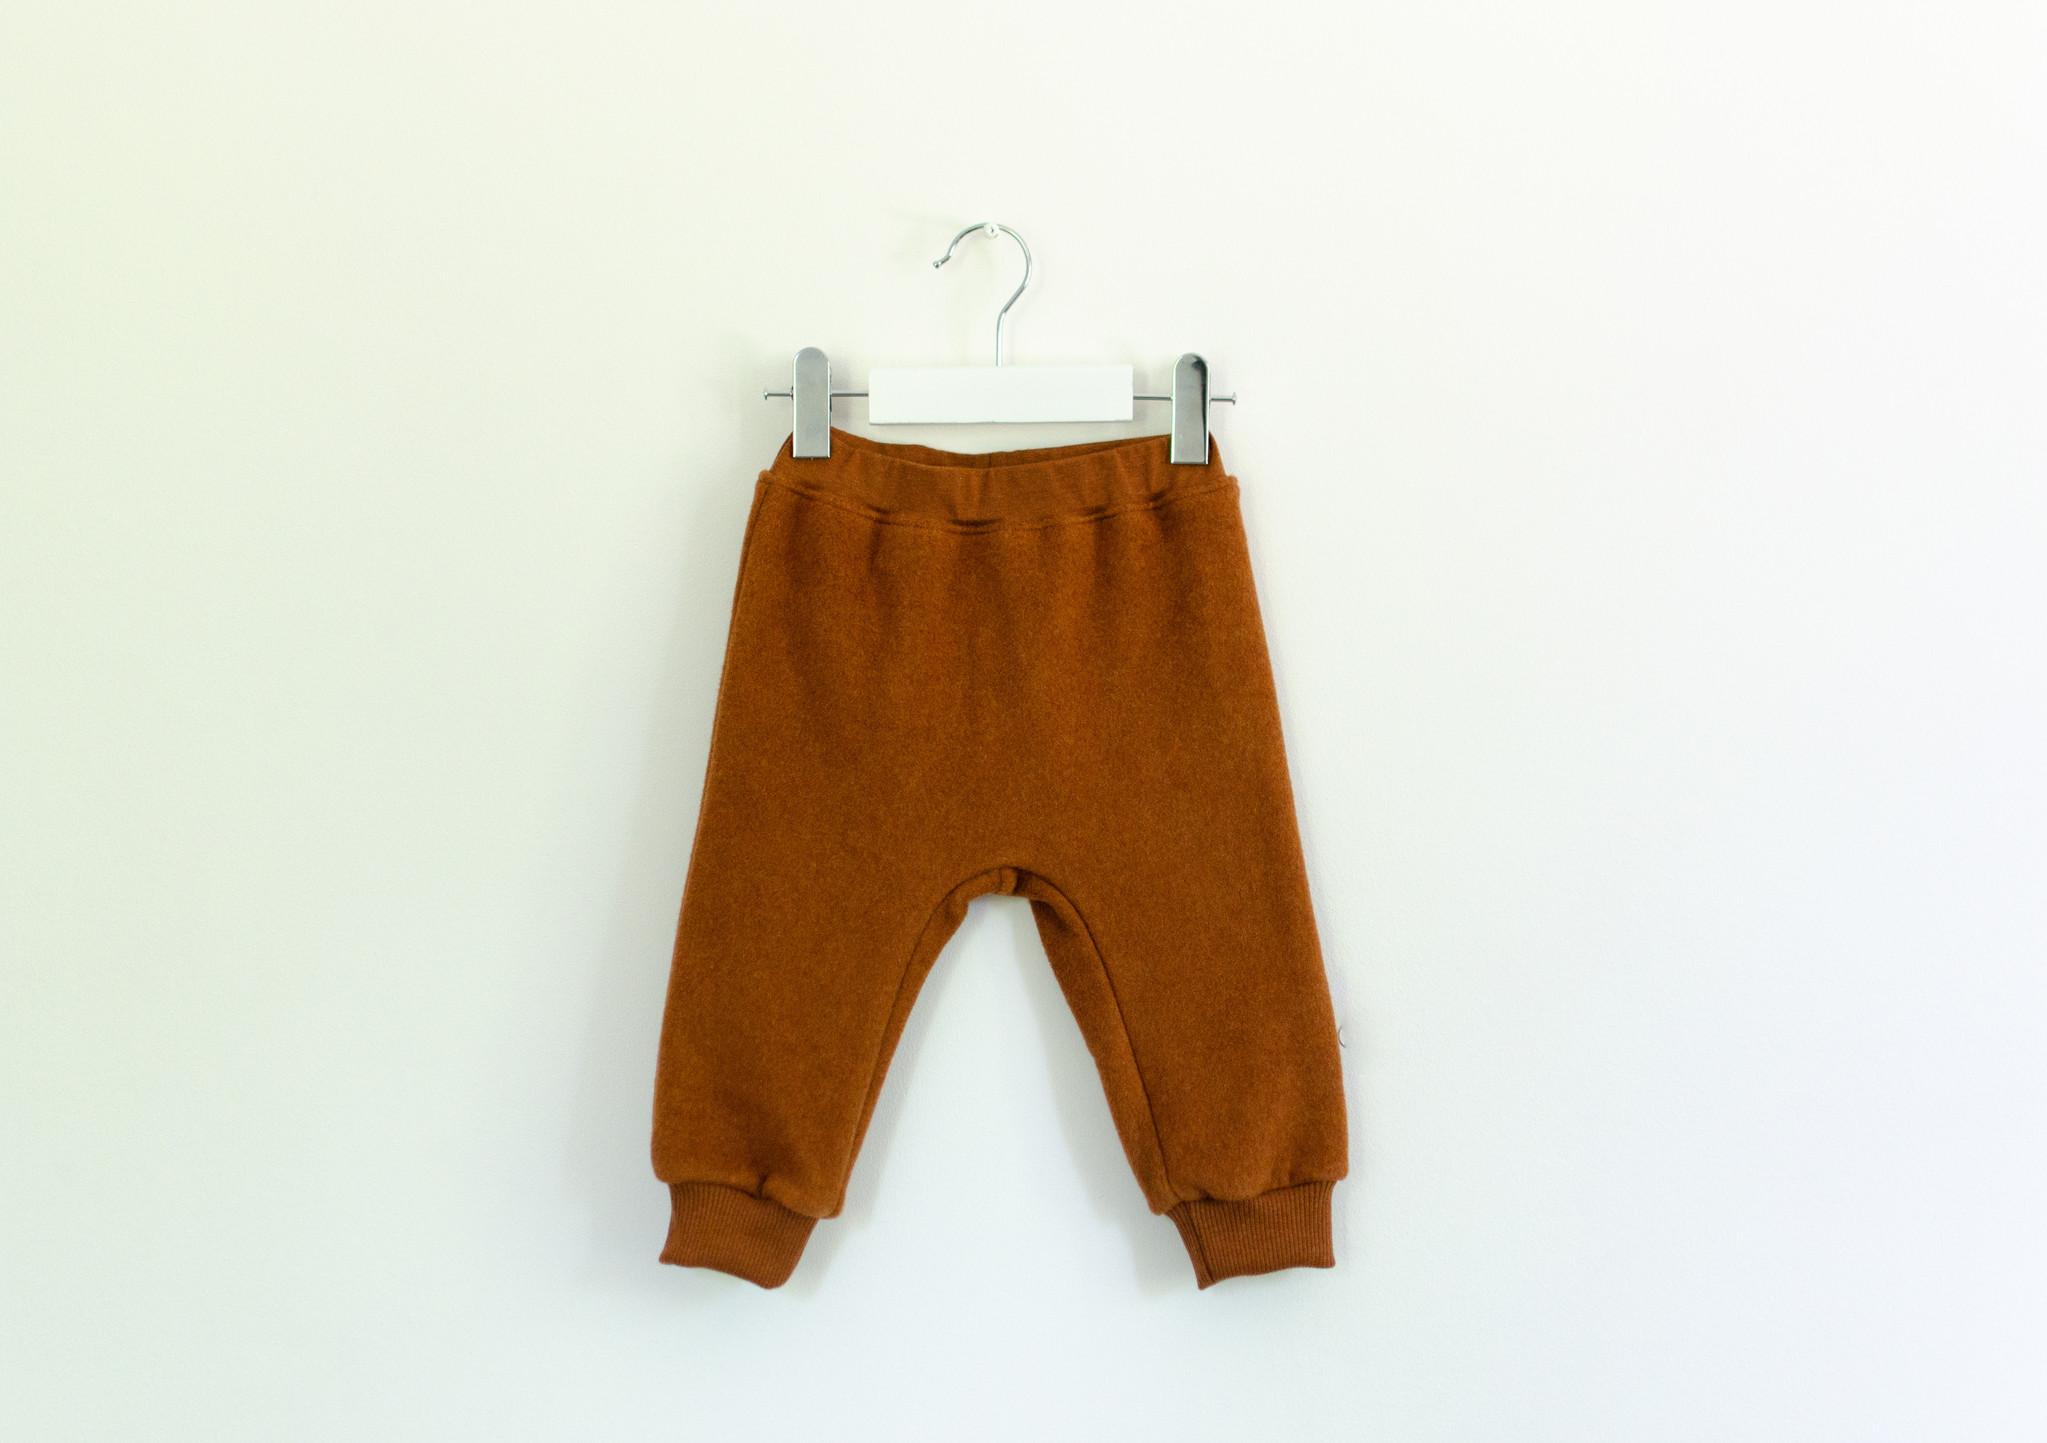 Baby fleece pants in Copper Marl